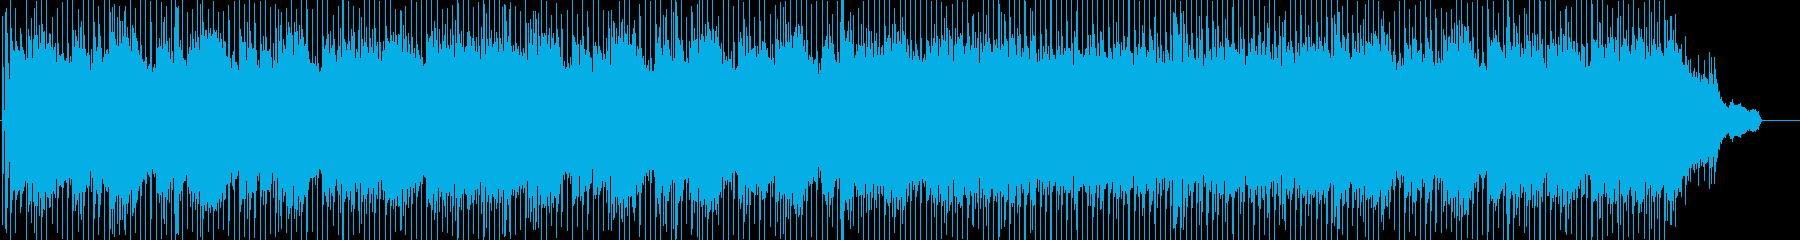 オープニング、明るく爽やか、ポップロックの再生済みの波形